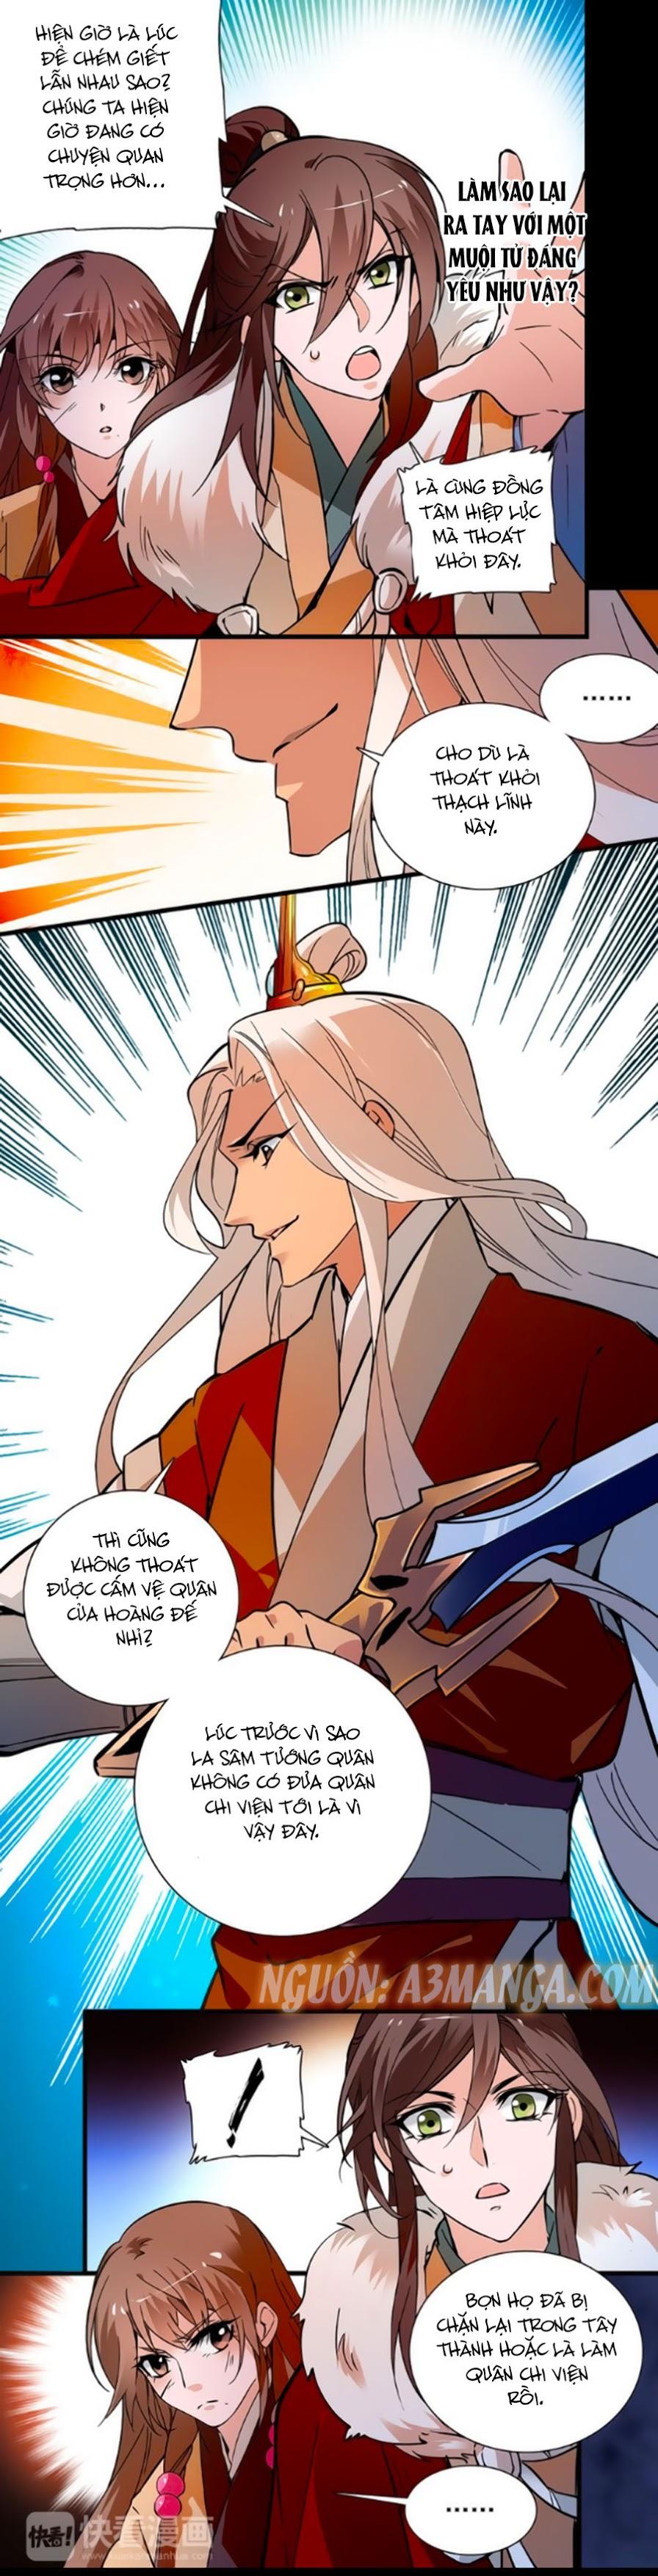 Hoàng Thượng! Hãy Sủng Ái Ta Đi! Chap 49